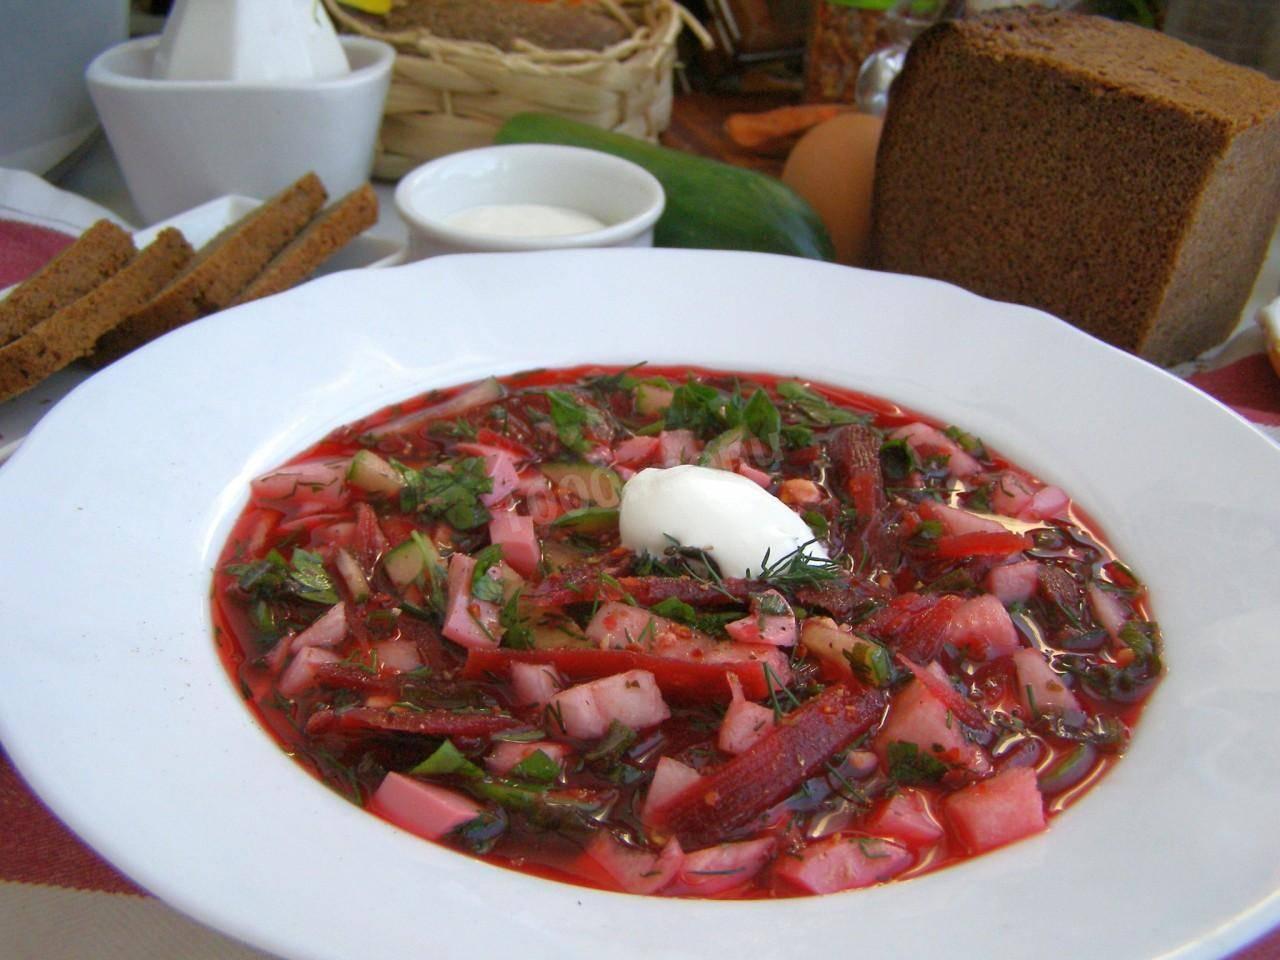 Холодный свекольник или холодник. как приготовить вкусный летний суп из свеклы. 6 рецептов пальчики оближешь.